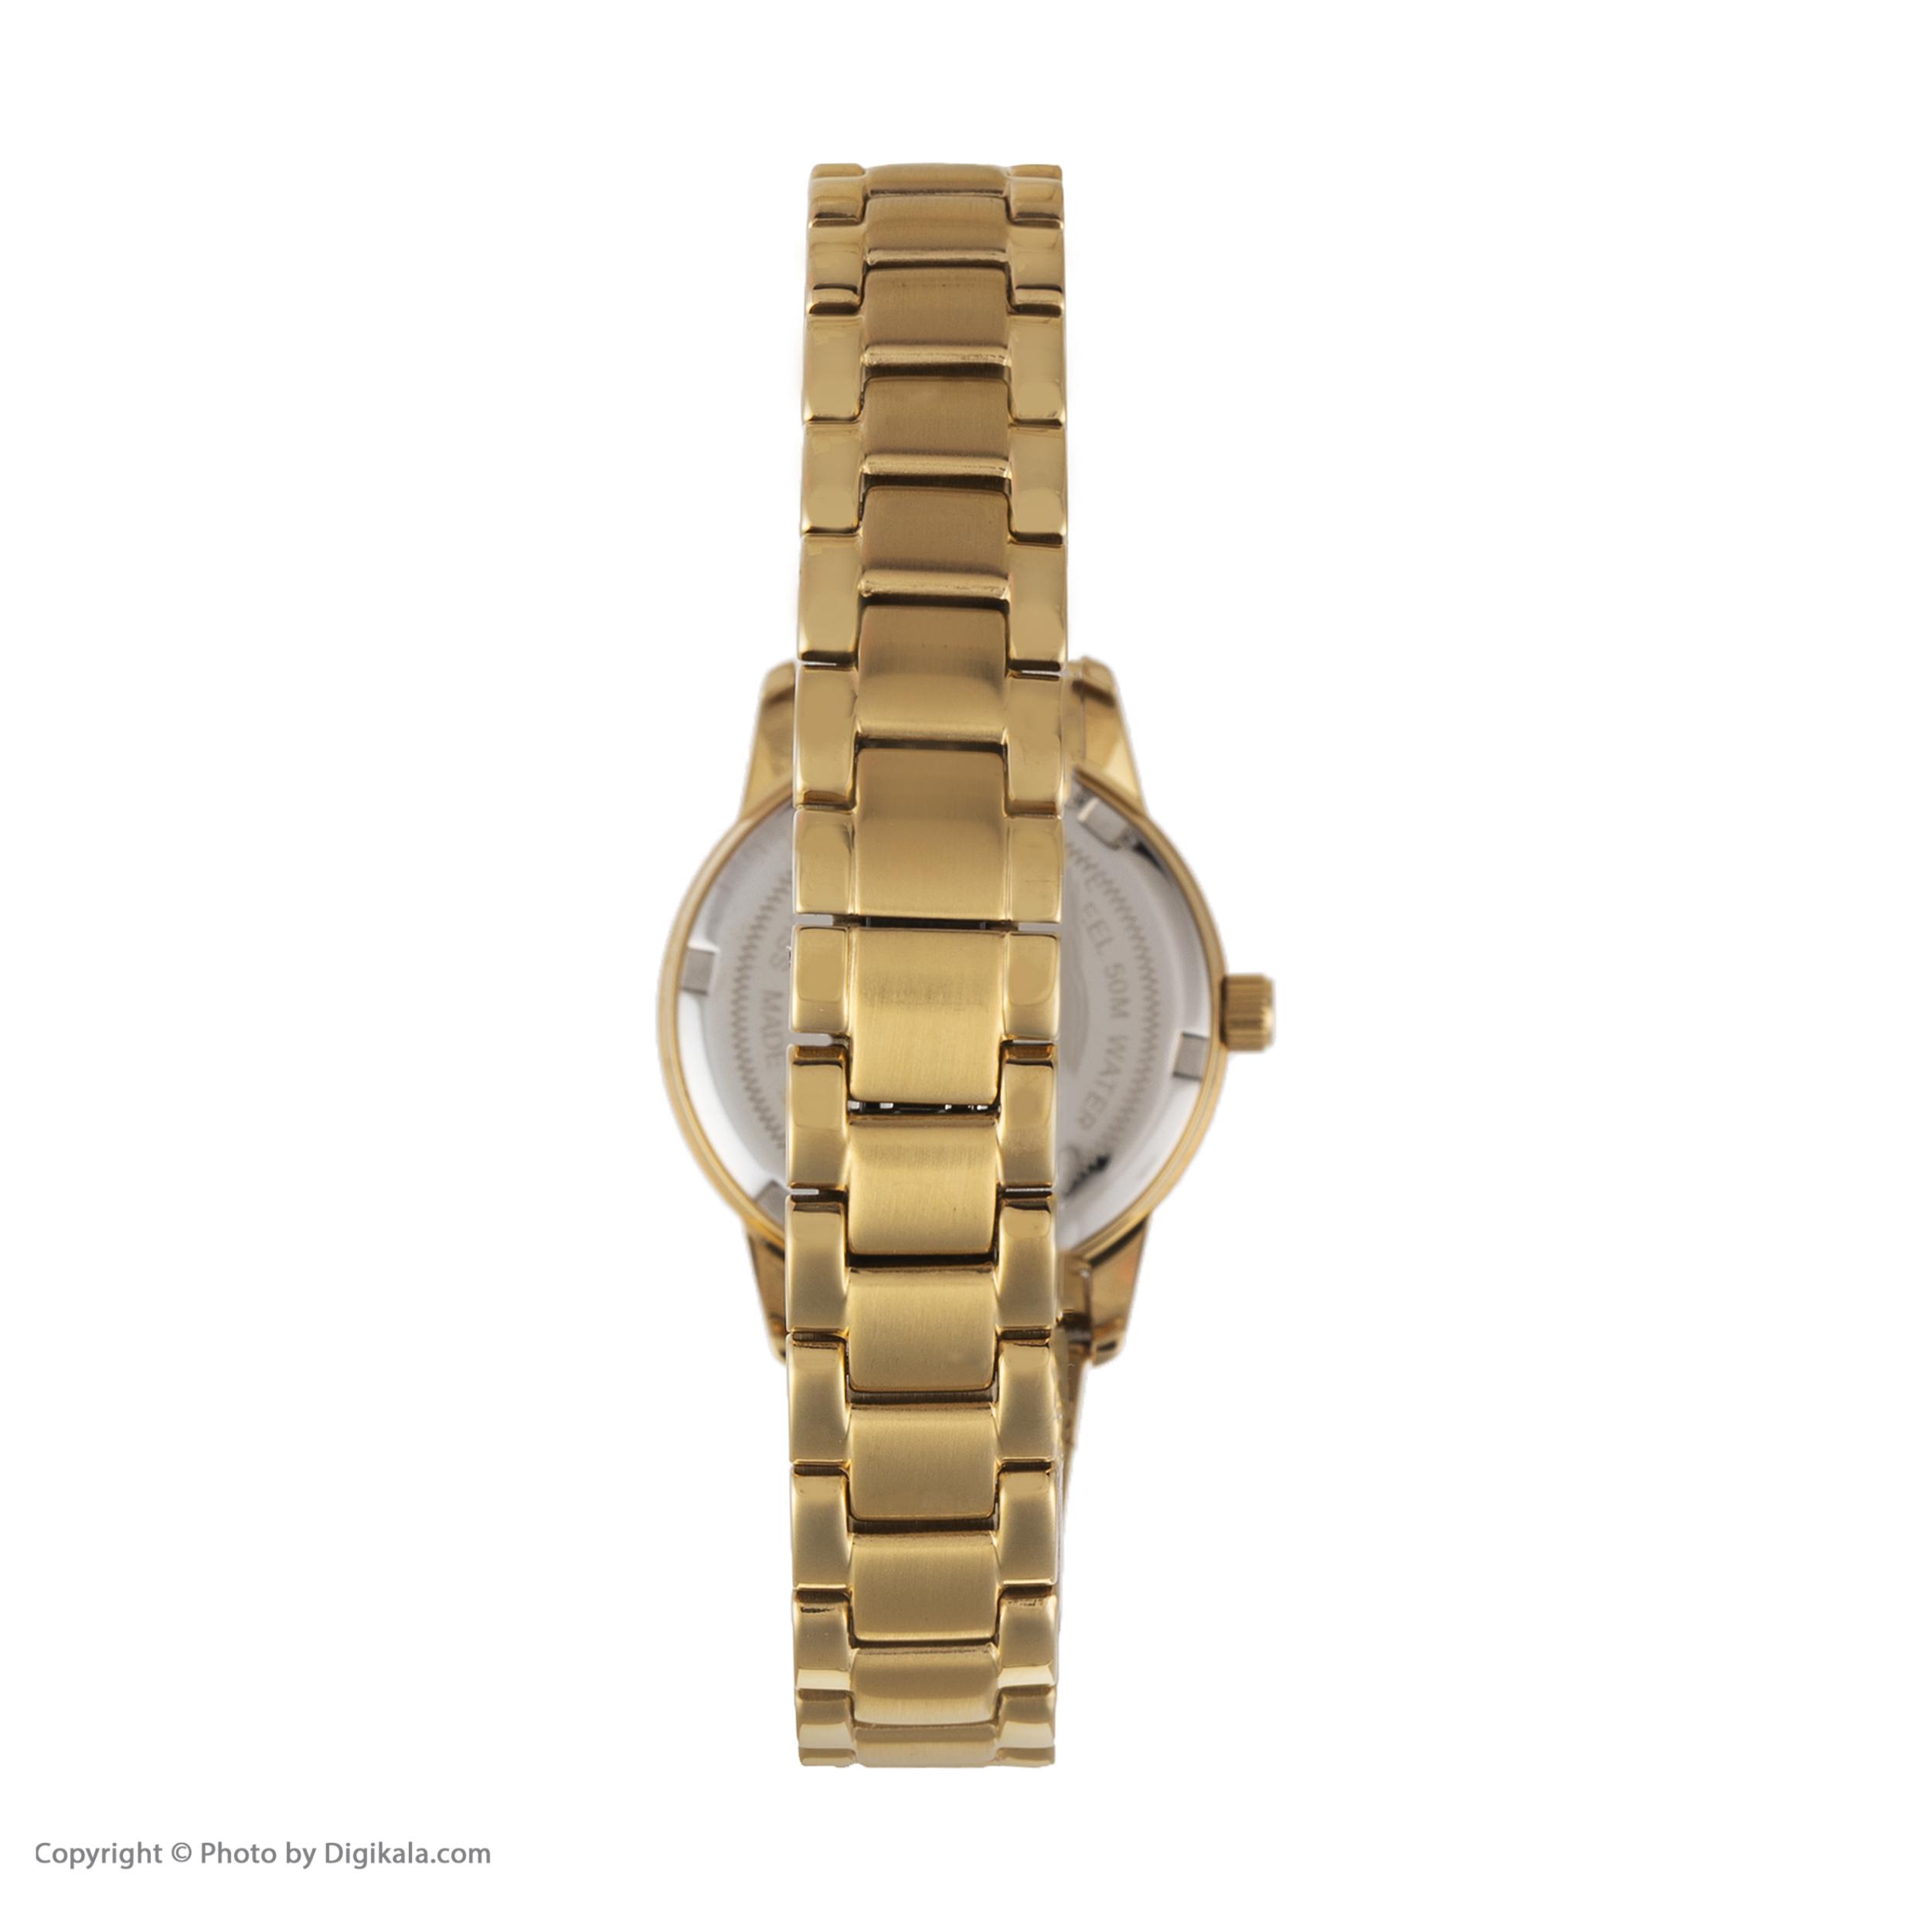 ساعت مچی عقربه ای زنانه کنتیننتال مدل 16204-lt202330 -  - 3